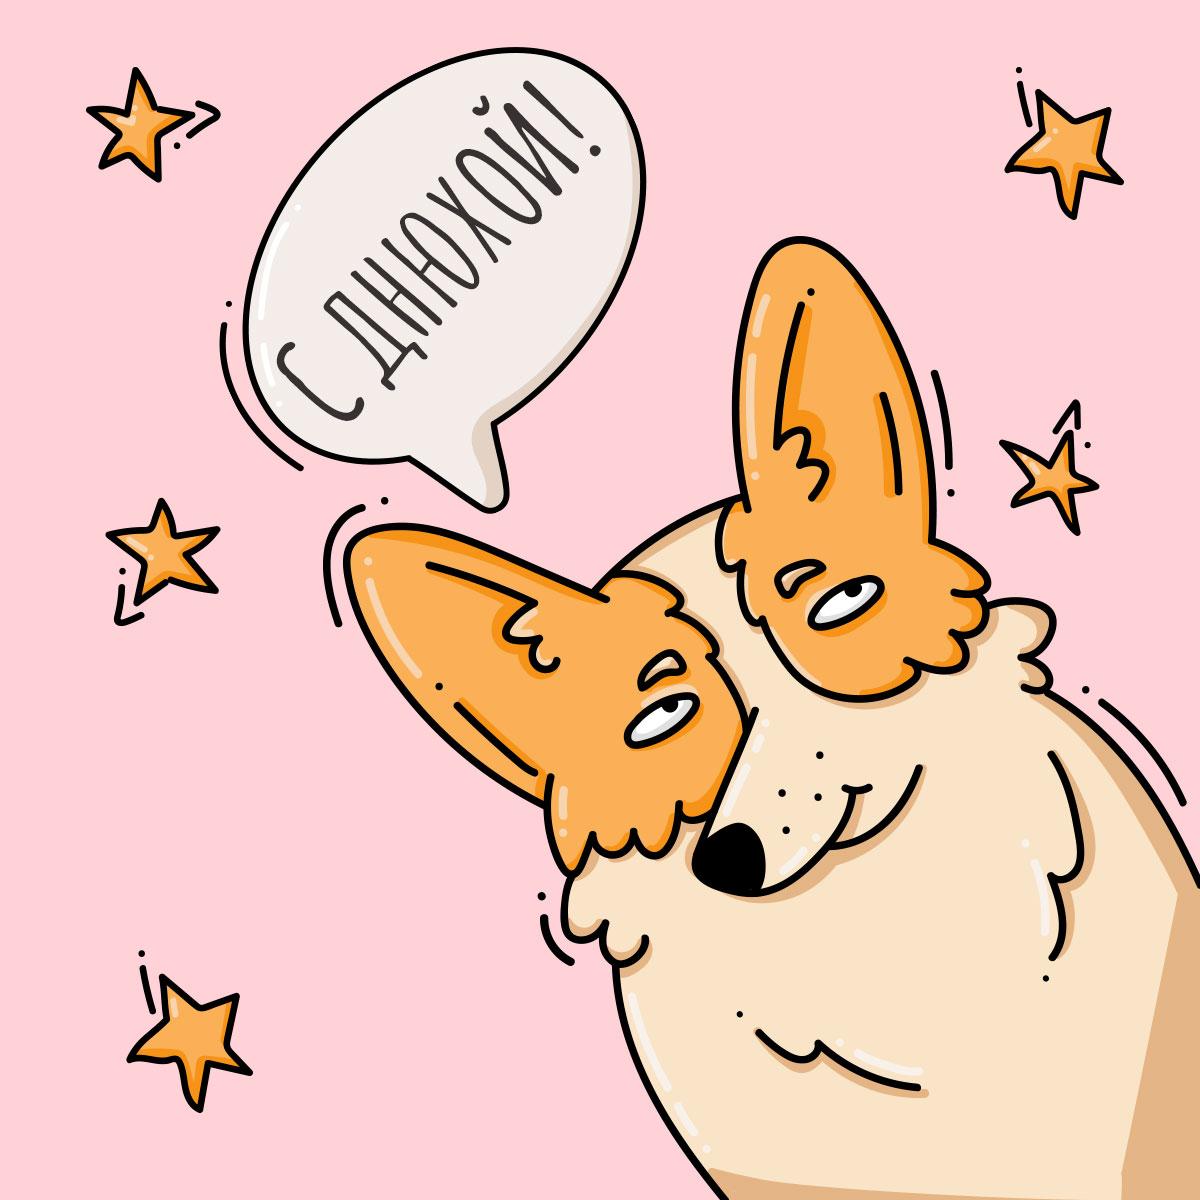 Розовая картинка с довольной мордой рыжей собаки корги.